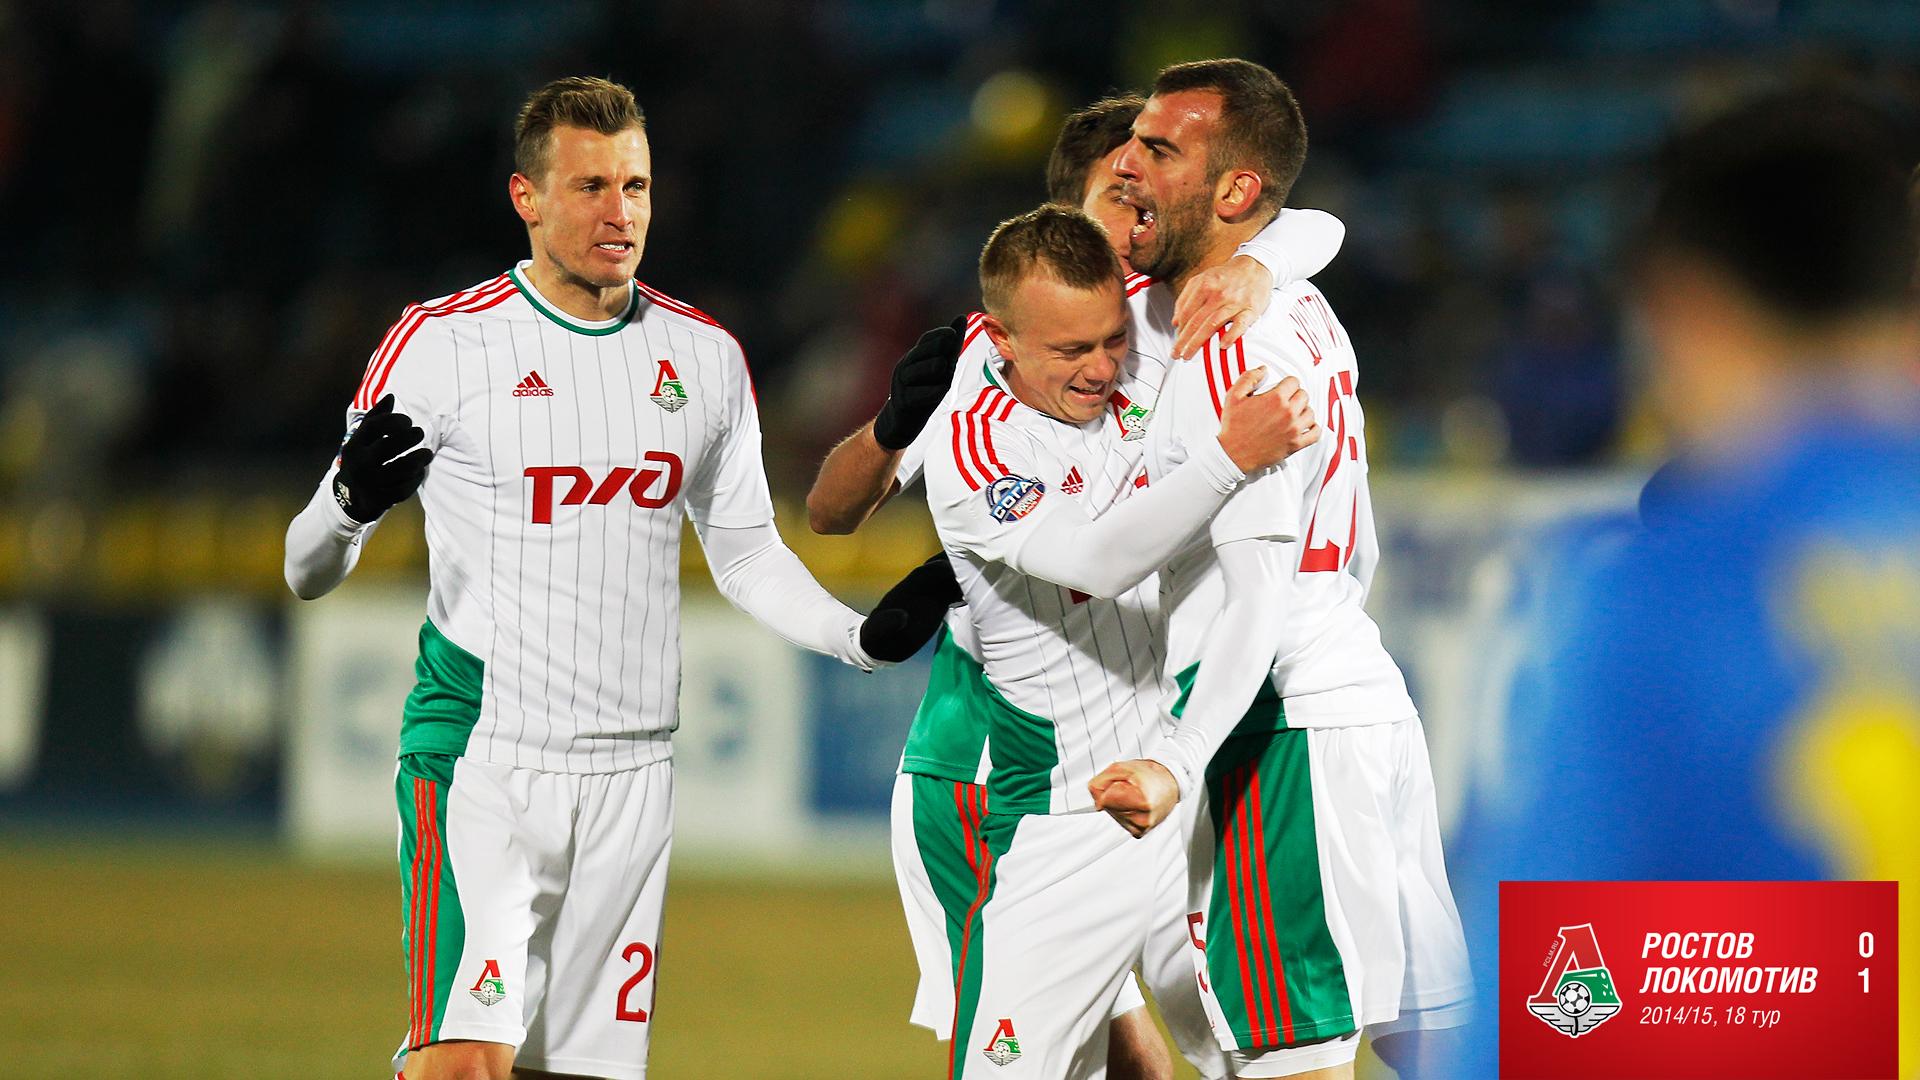 «Ростов» - «Локомотив» 0:1